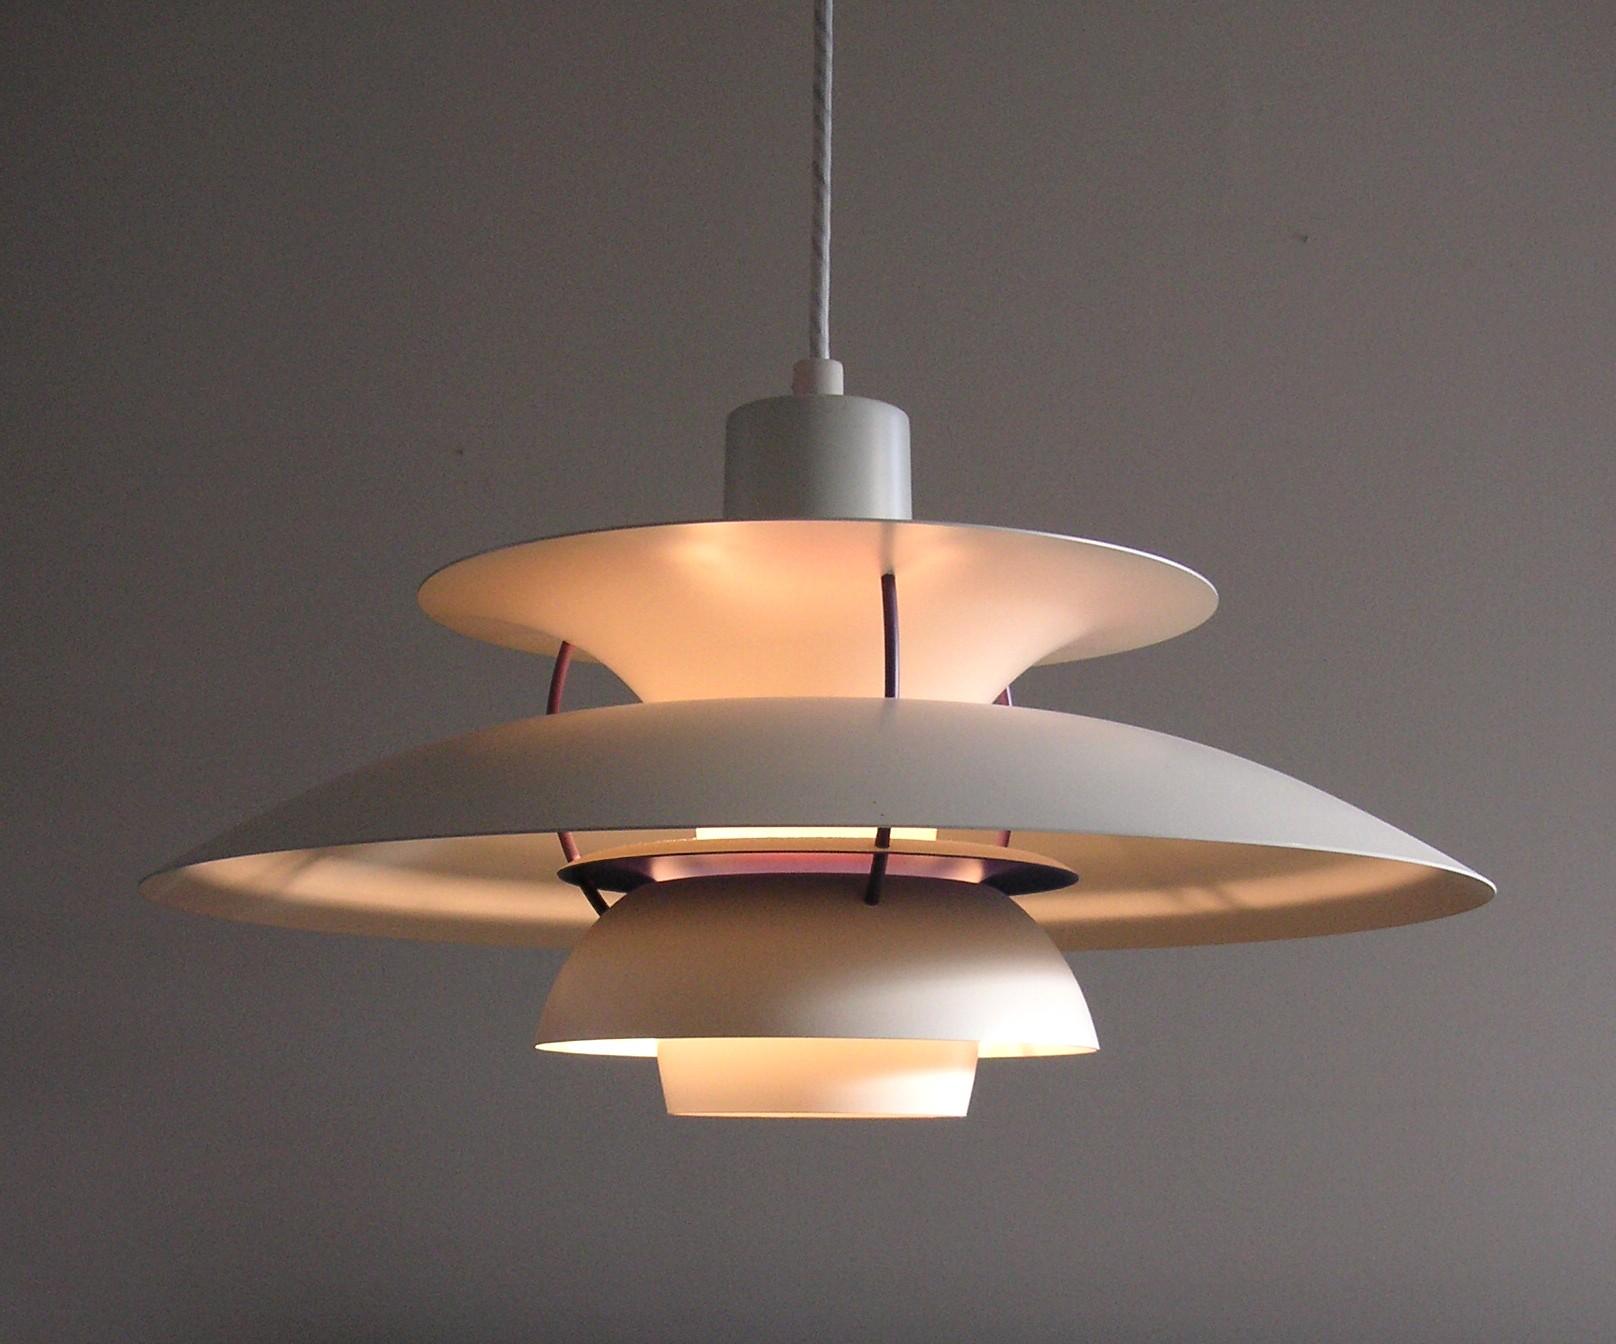 PH Lampan 1 Résultat Supérieur 60 Beau Lampe Cloche Galerie 2018 Hdj5